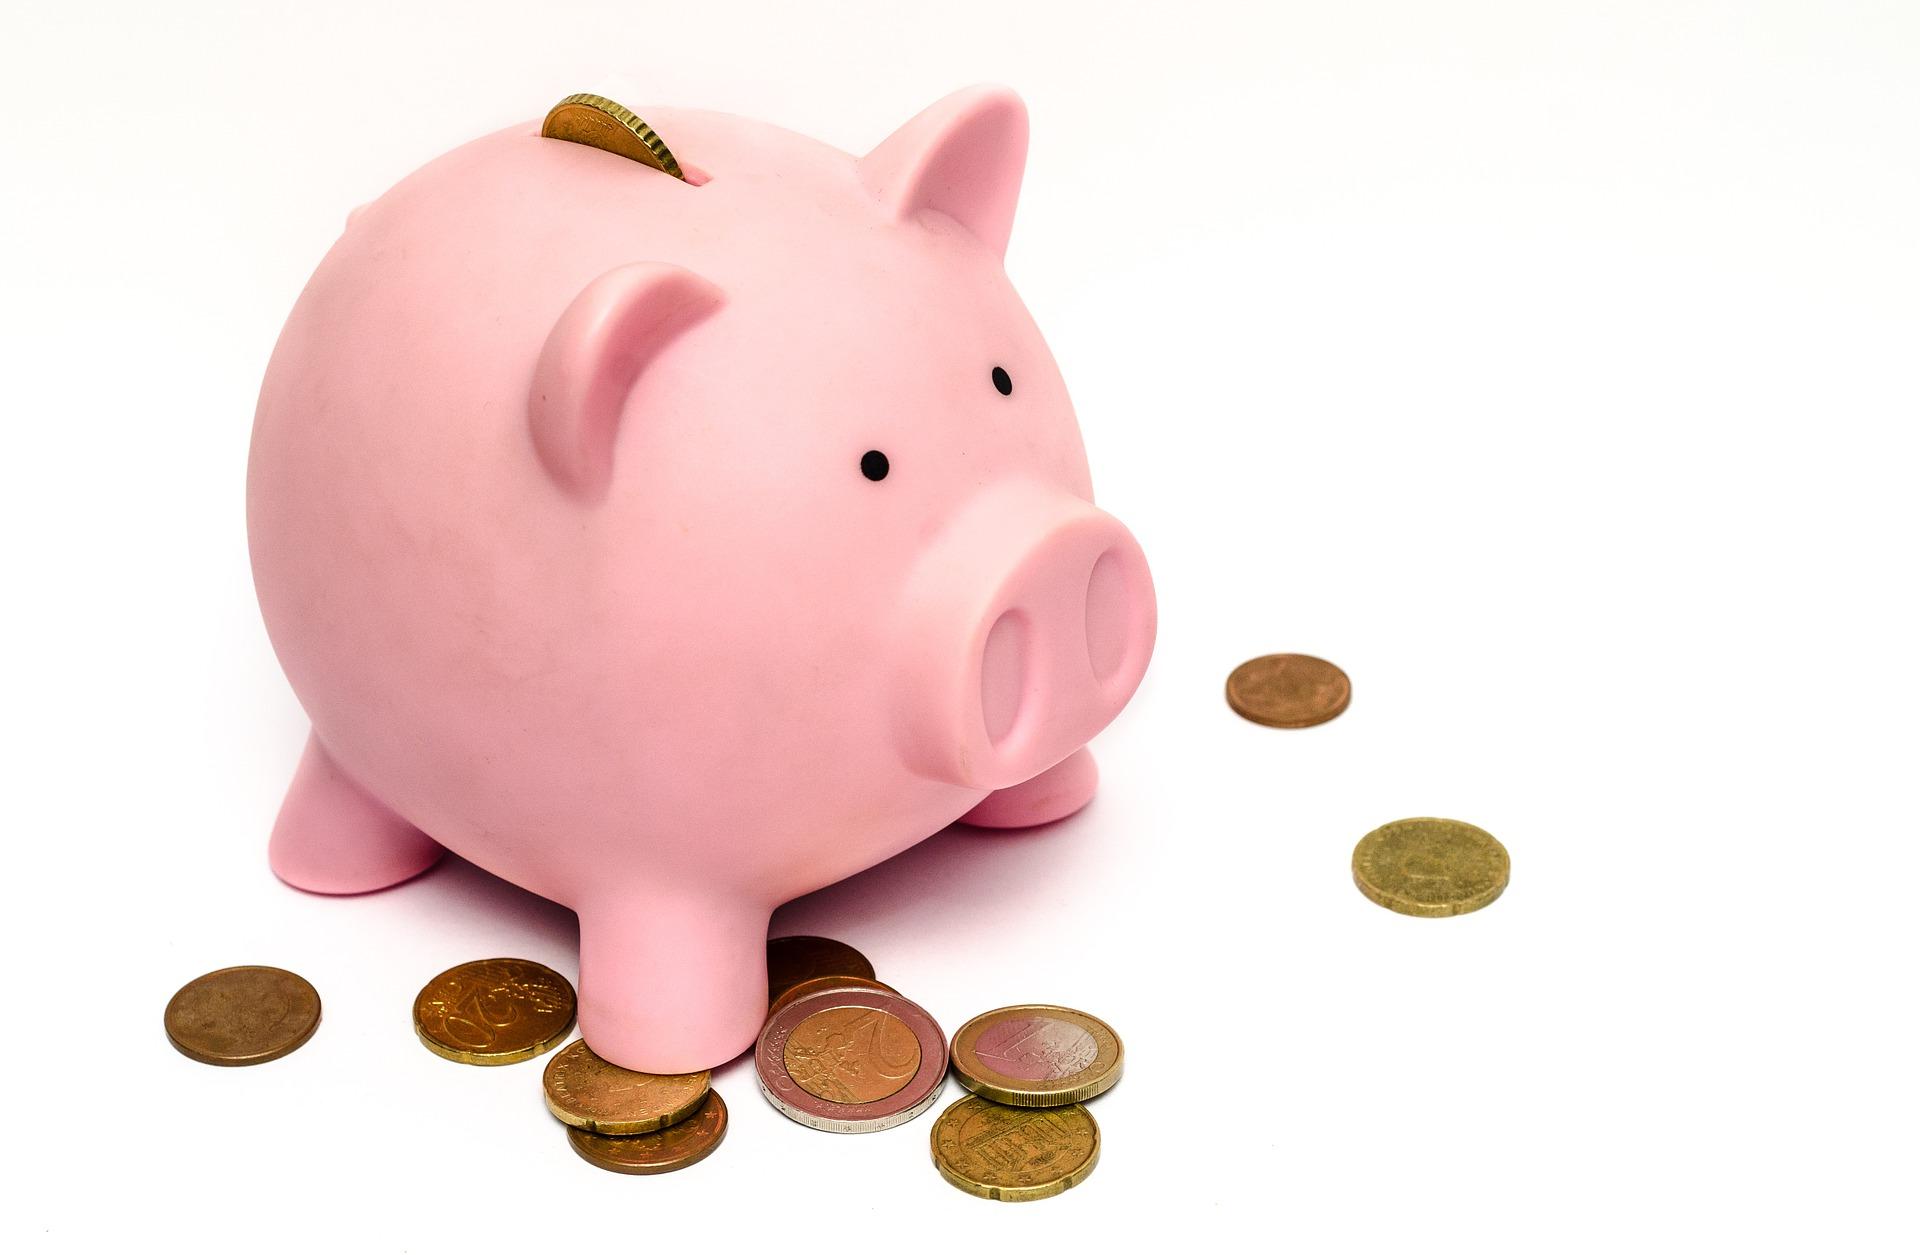 貯金額の目安は年収の3割【未来も予測して貯金しよう】